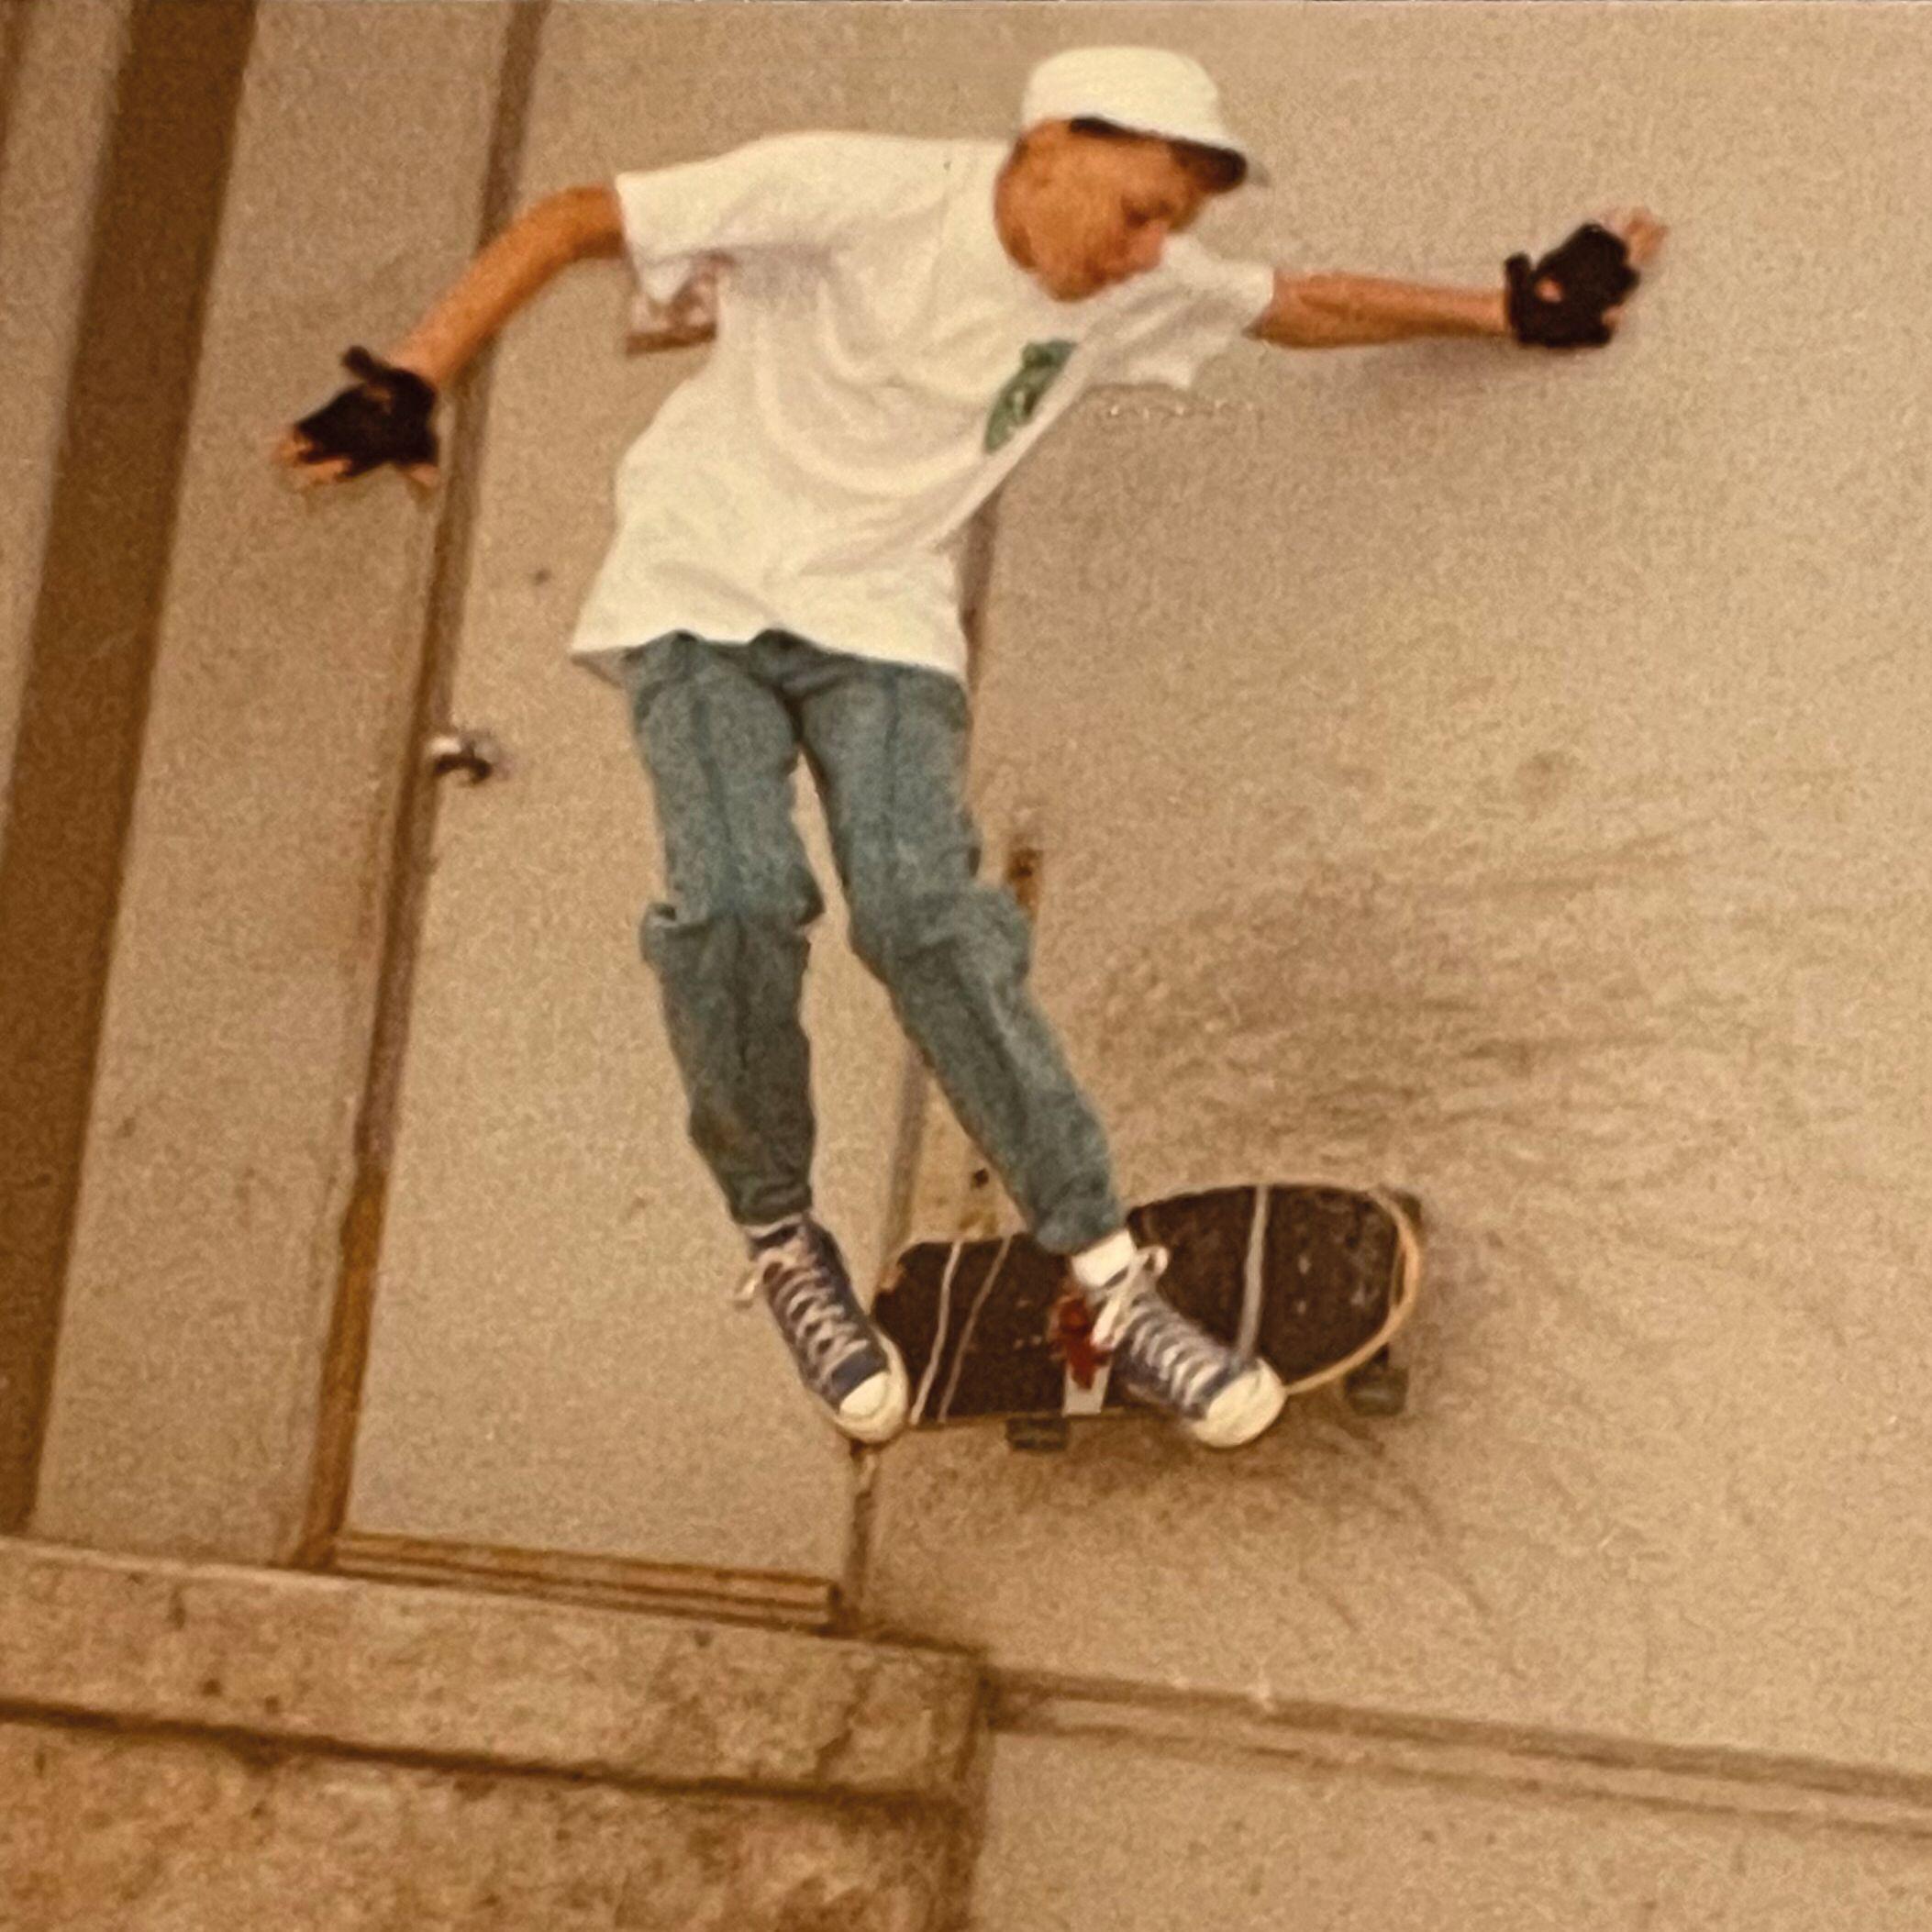 Dean Futrell skating